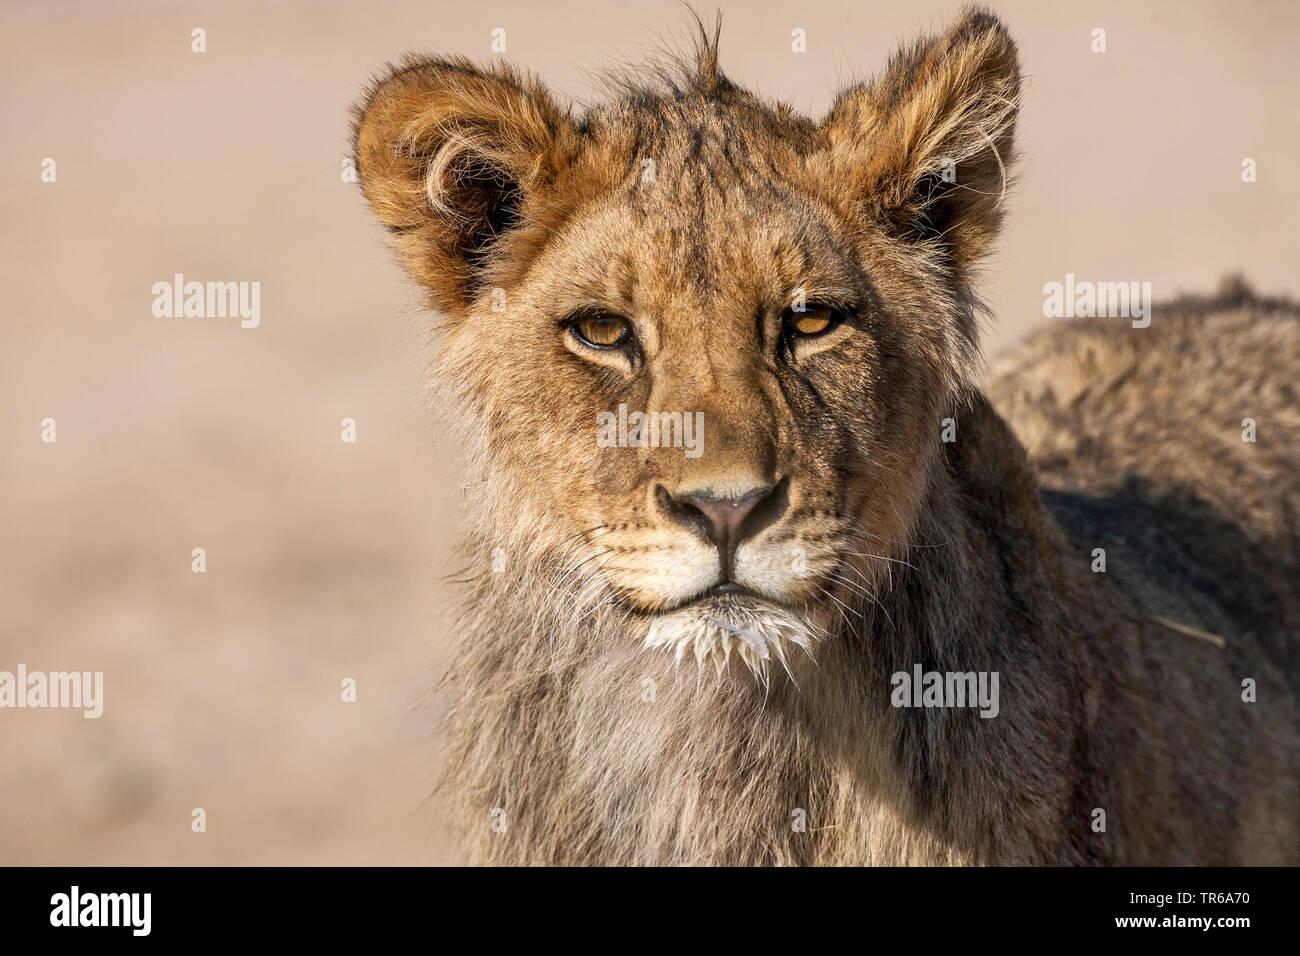 Kalahari Lion (Panthera leo vernayi, Panthera vernayi), lion pup, portrait, South Africa, Kalahari Gemsbok National Park Stock Photo